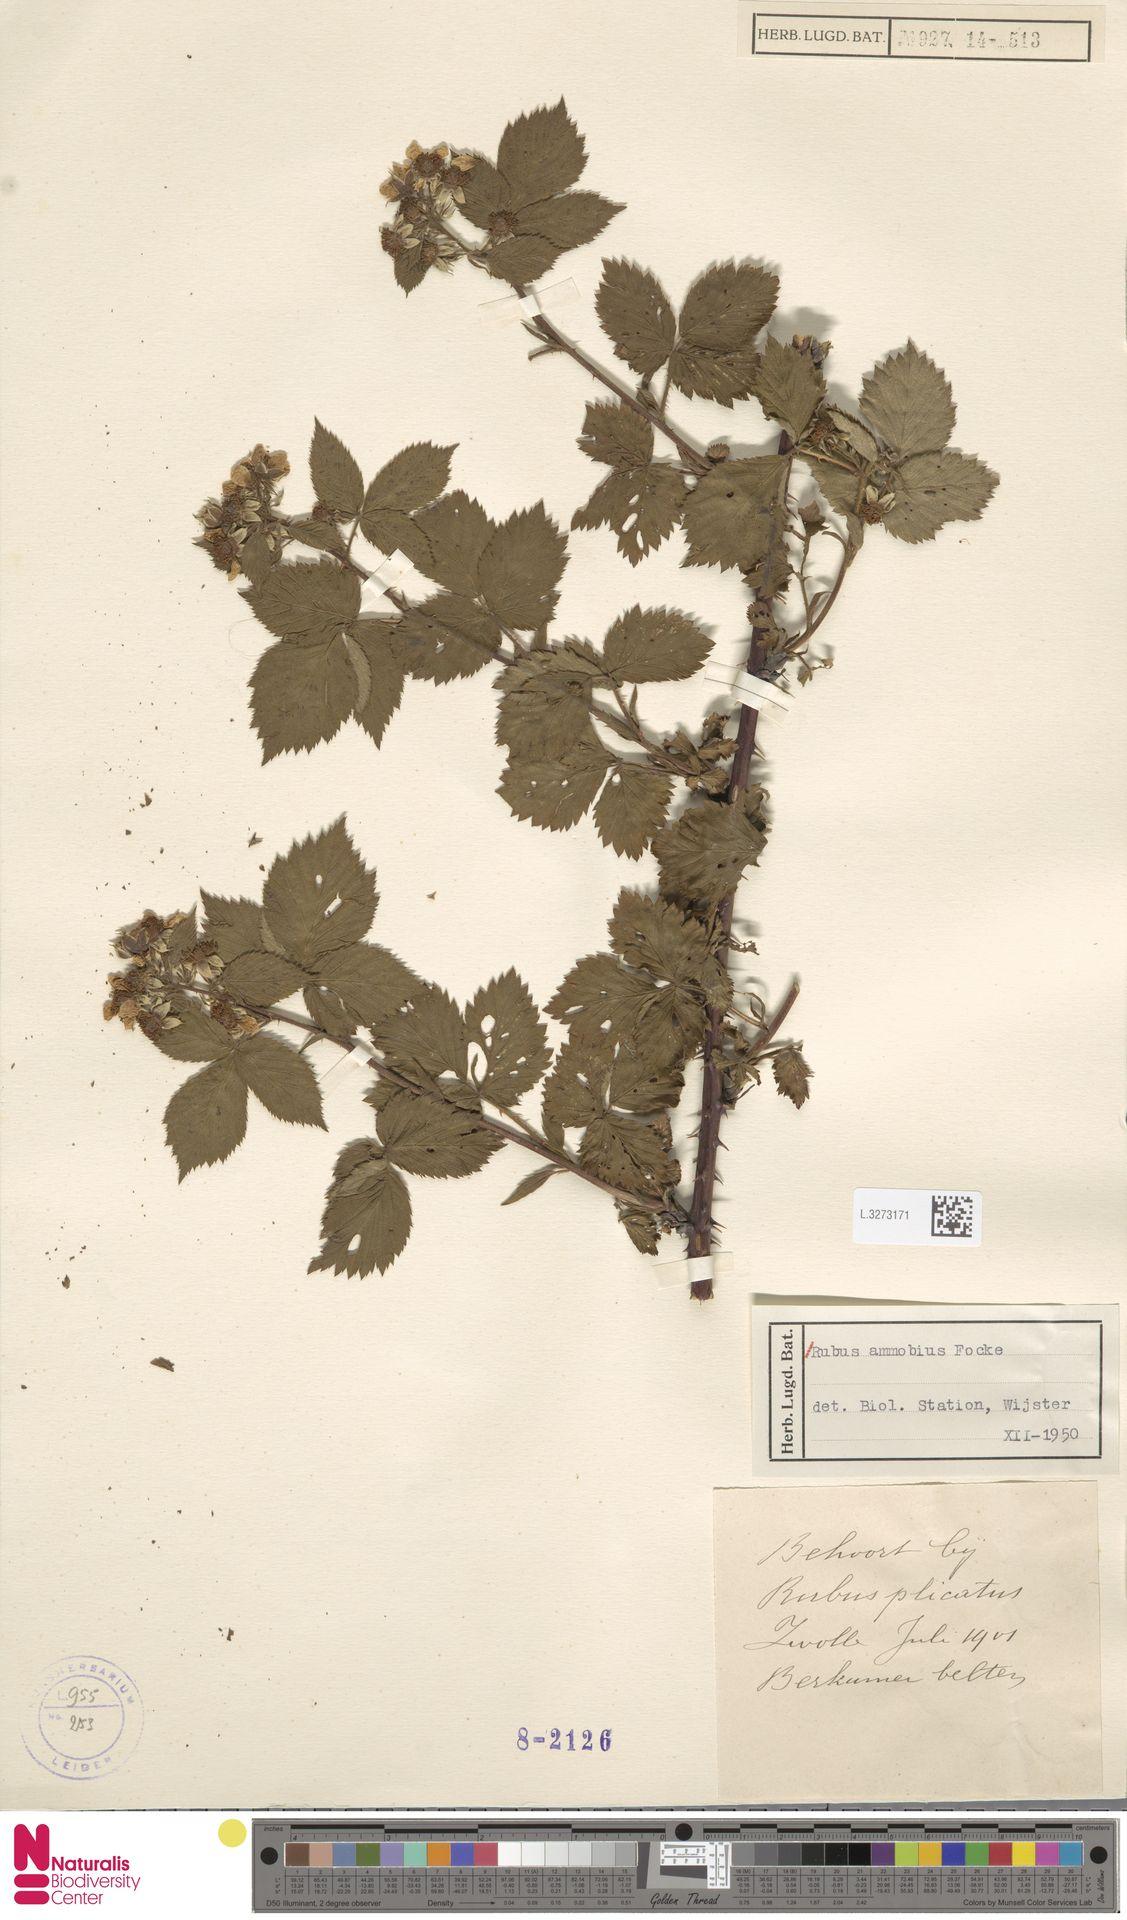 L.3273171 | Rubus ammobius Focke